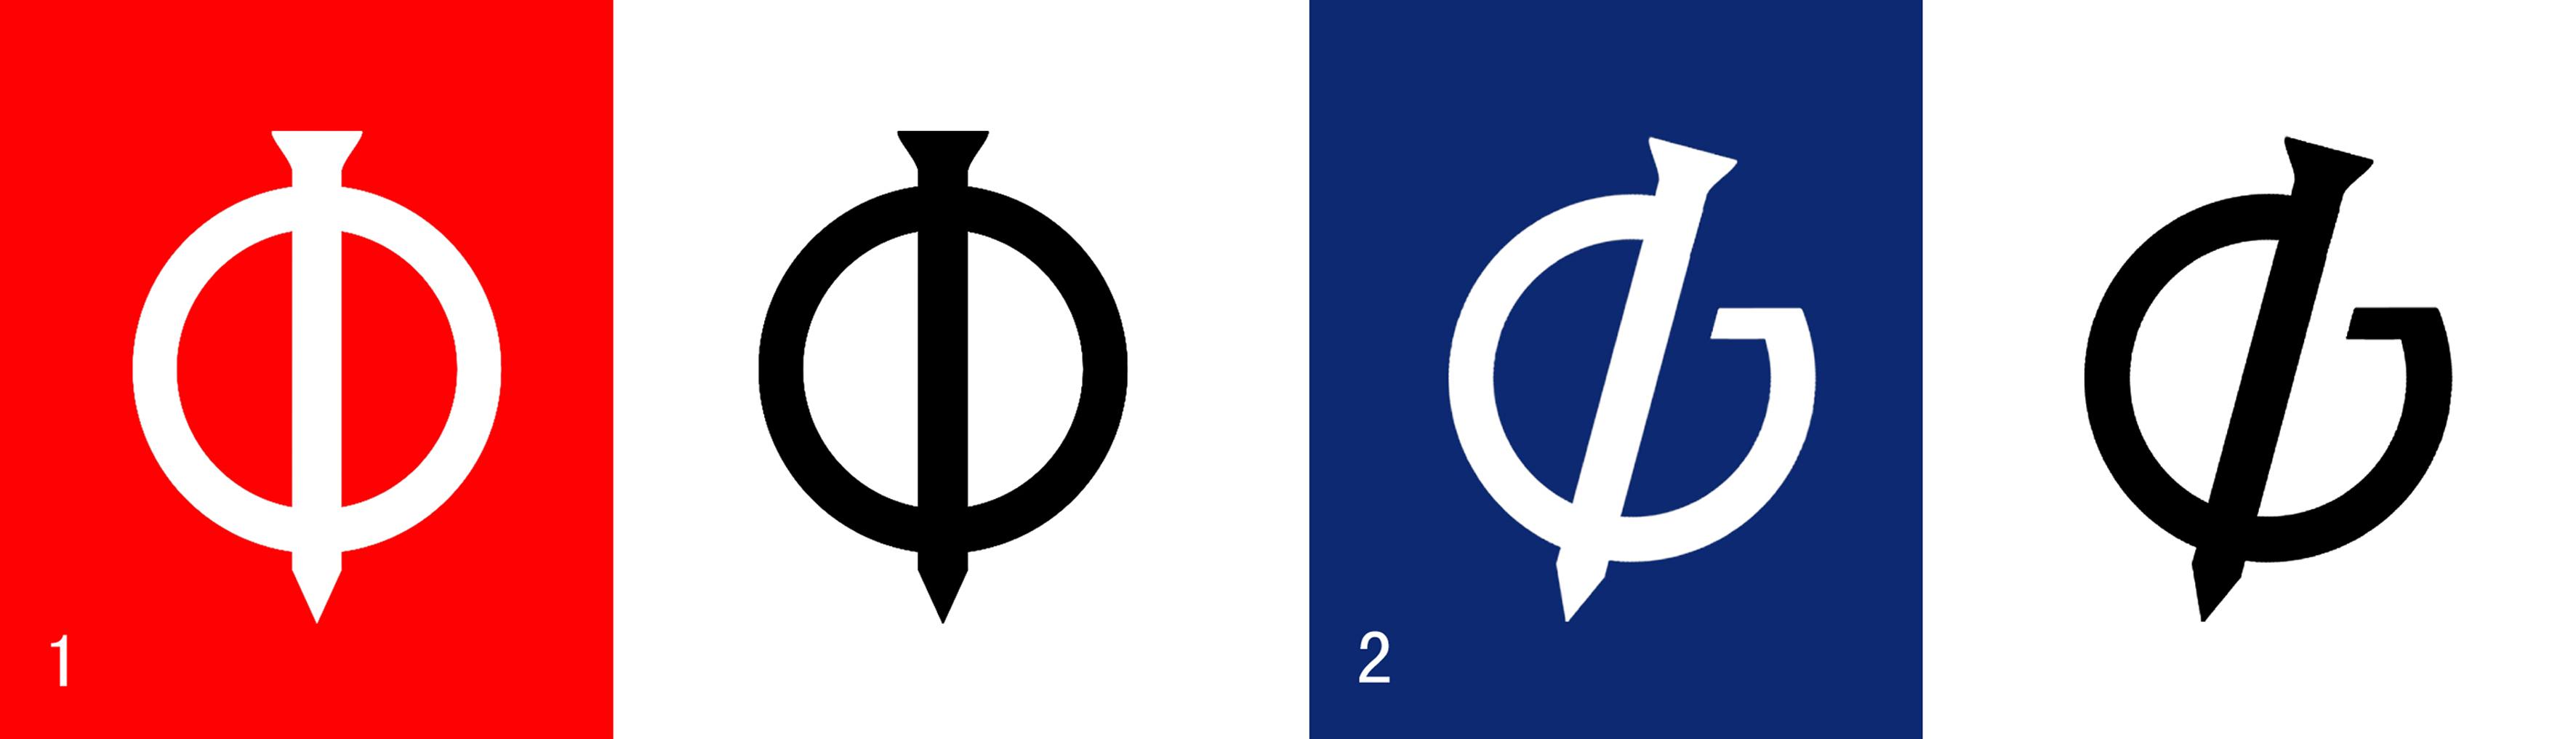 钉子产品logo设计_1774327